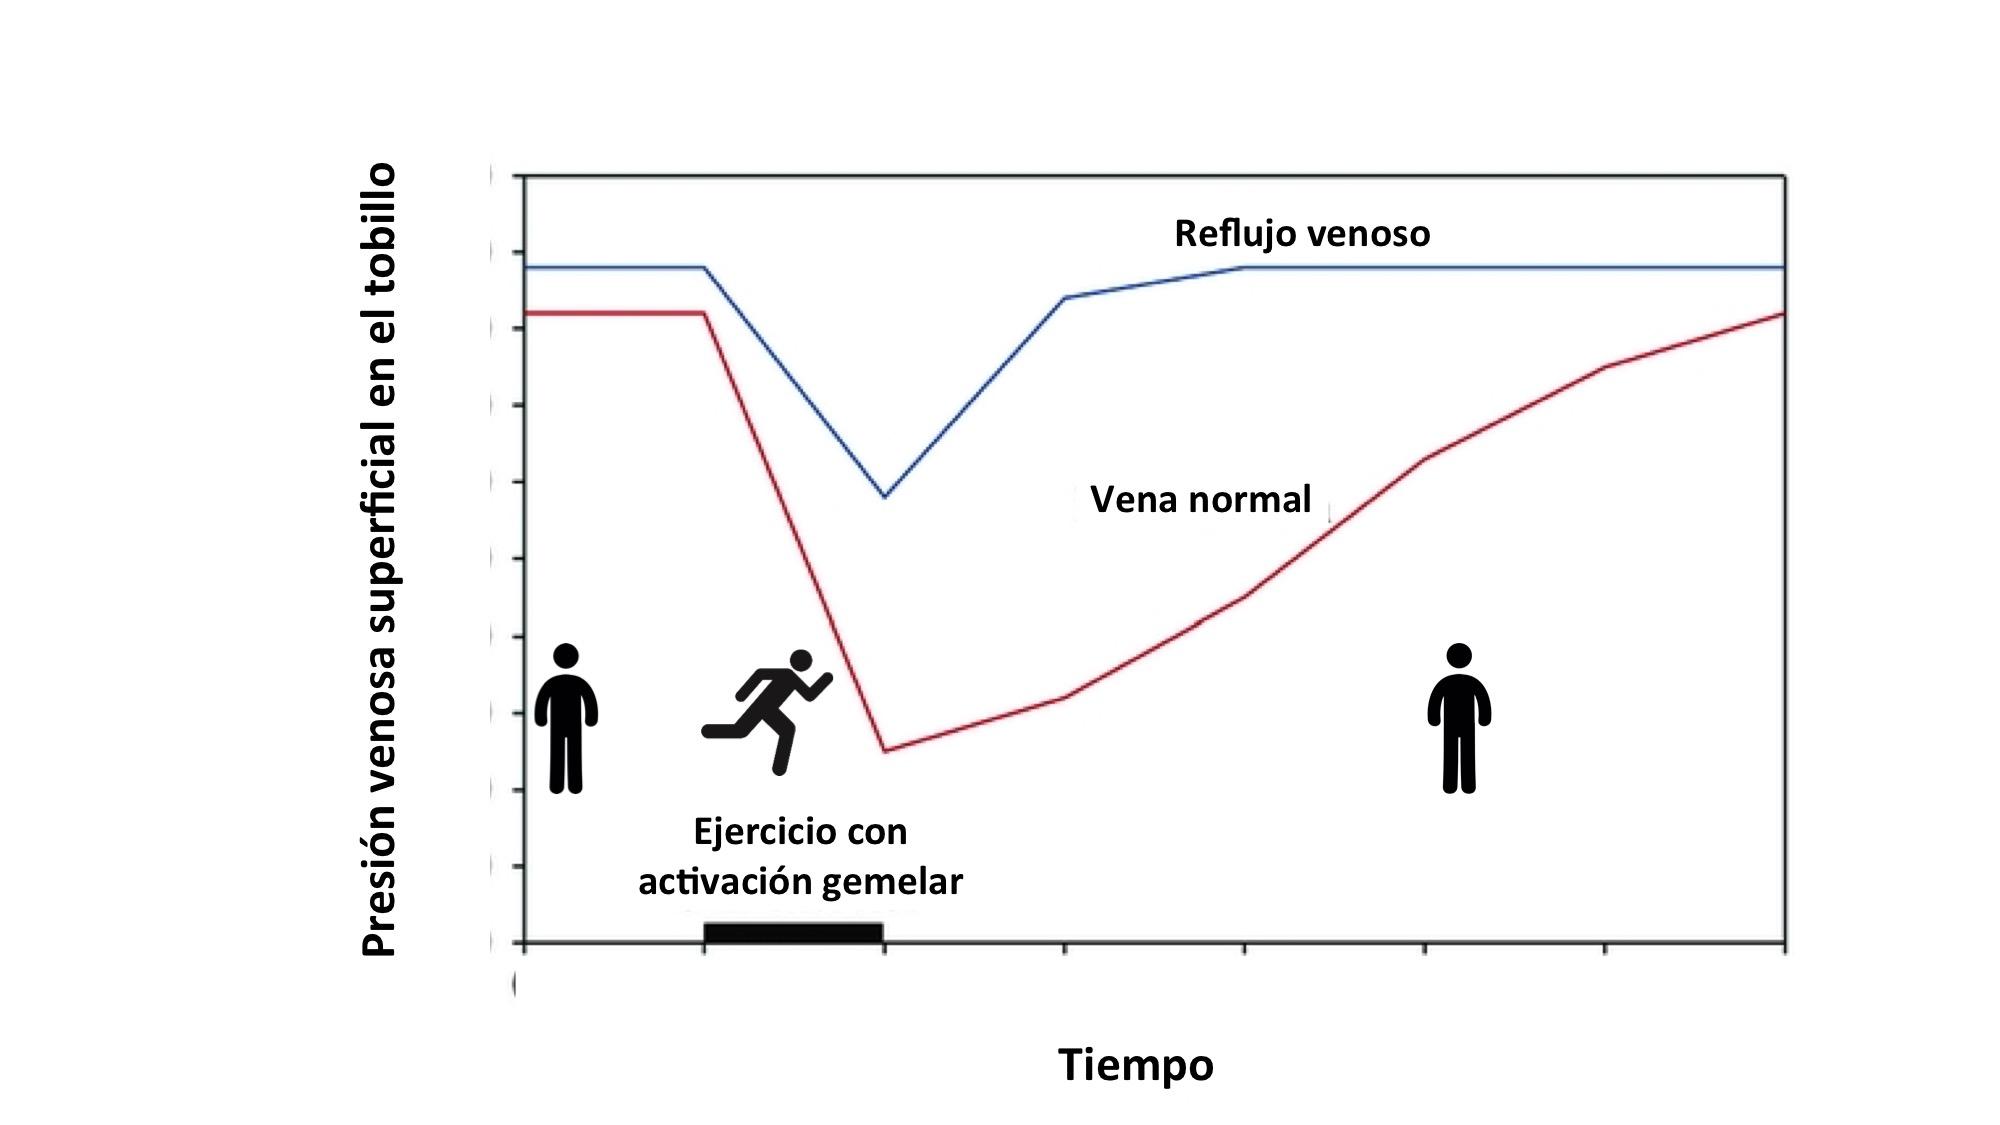 Esquema presión venosa durante el ejercicio (vena normal vs reflujo venoso)